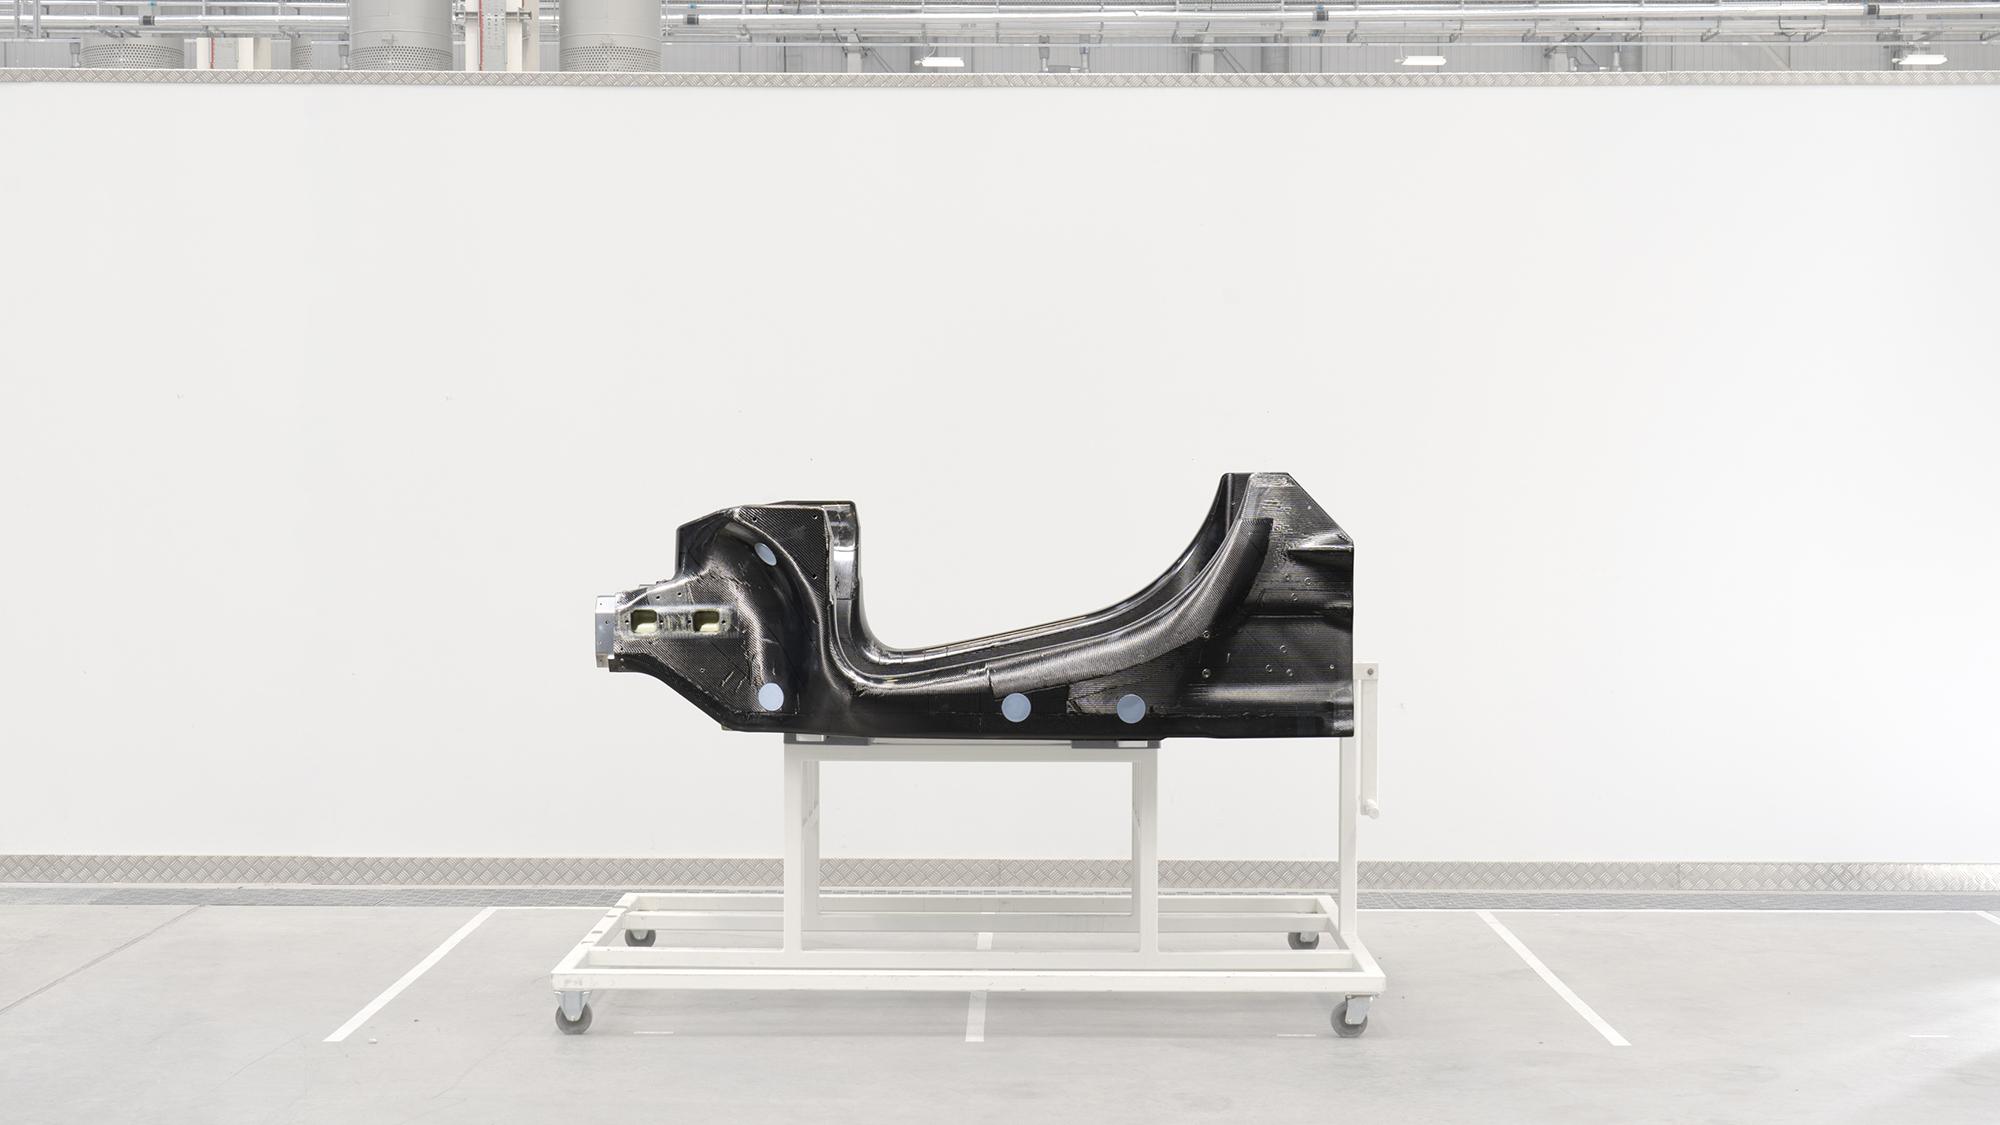 New McLaren P16 carbon fibre chassis